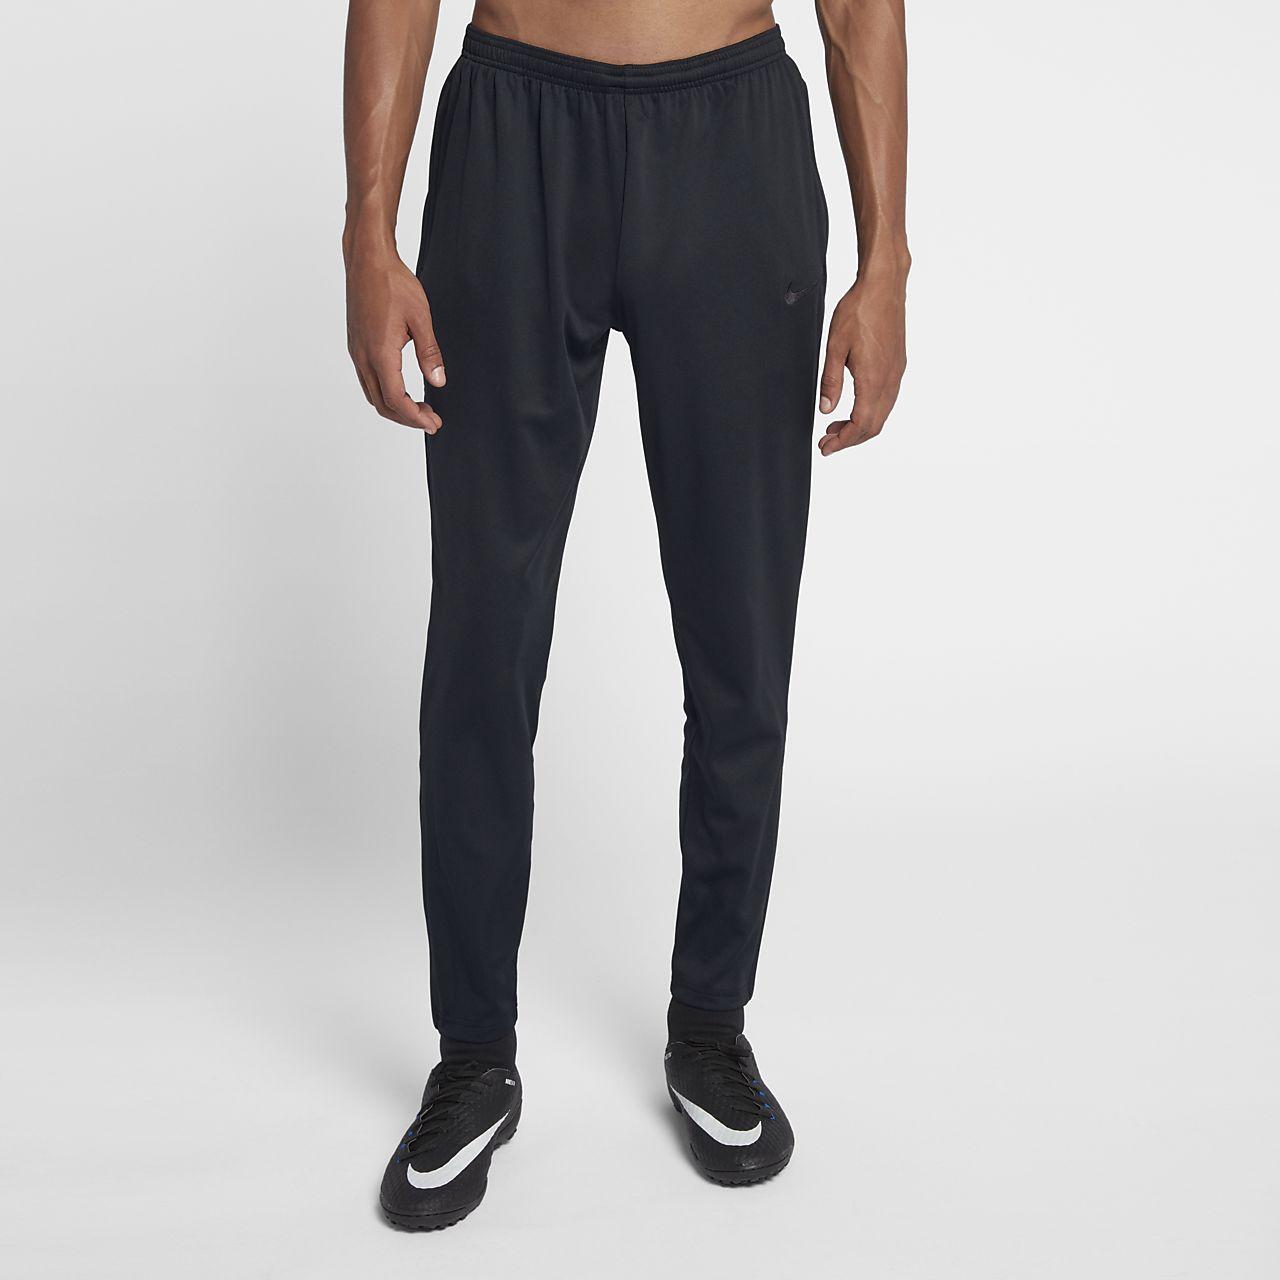 1e8603c45c3e8 Pantalon de football Nike Dri-FIT Academy pour Homme. Nike.com FR